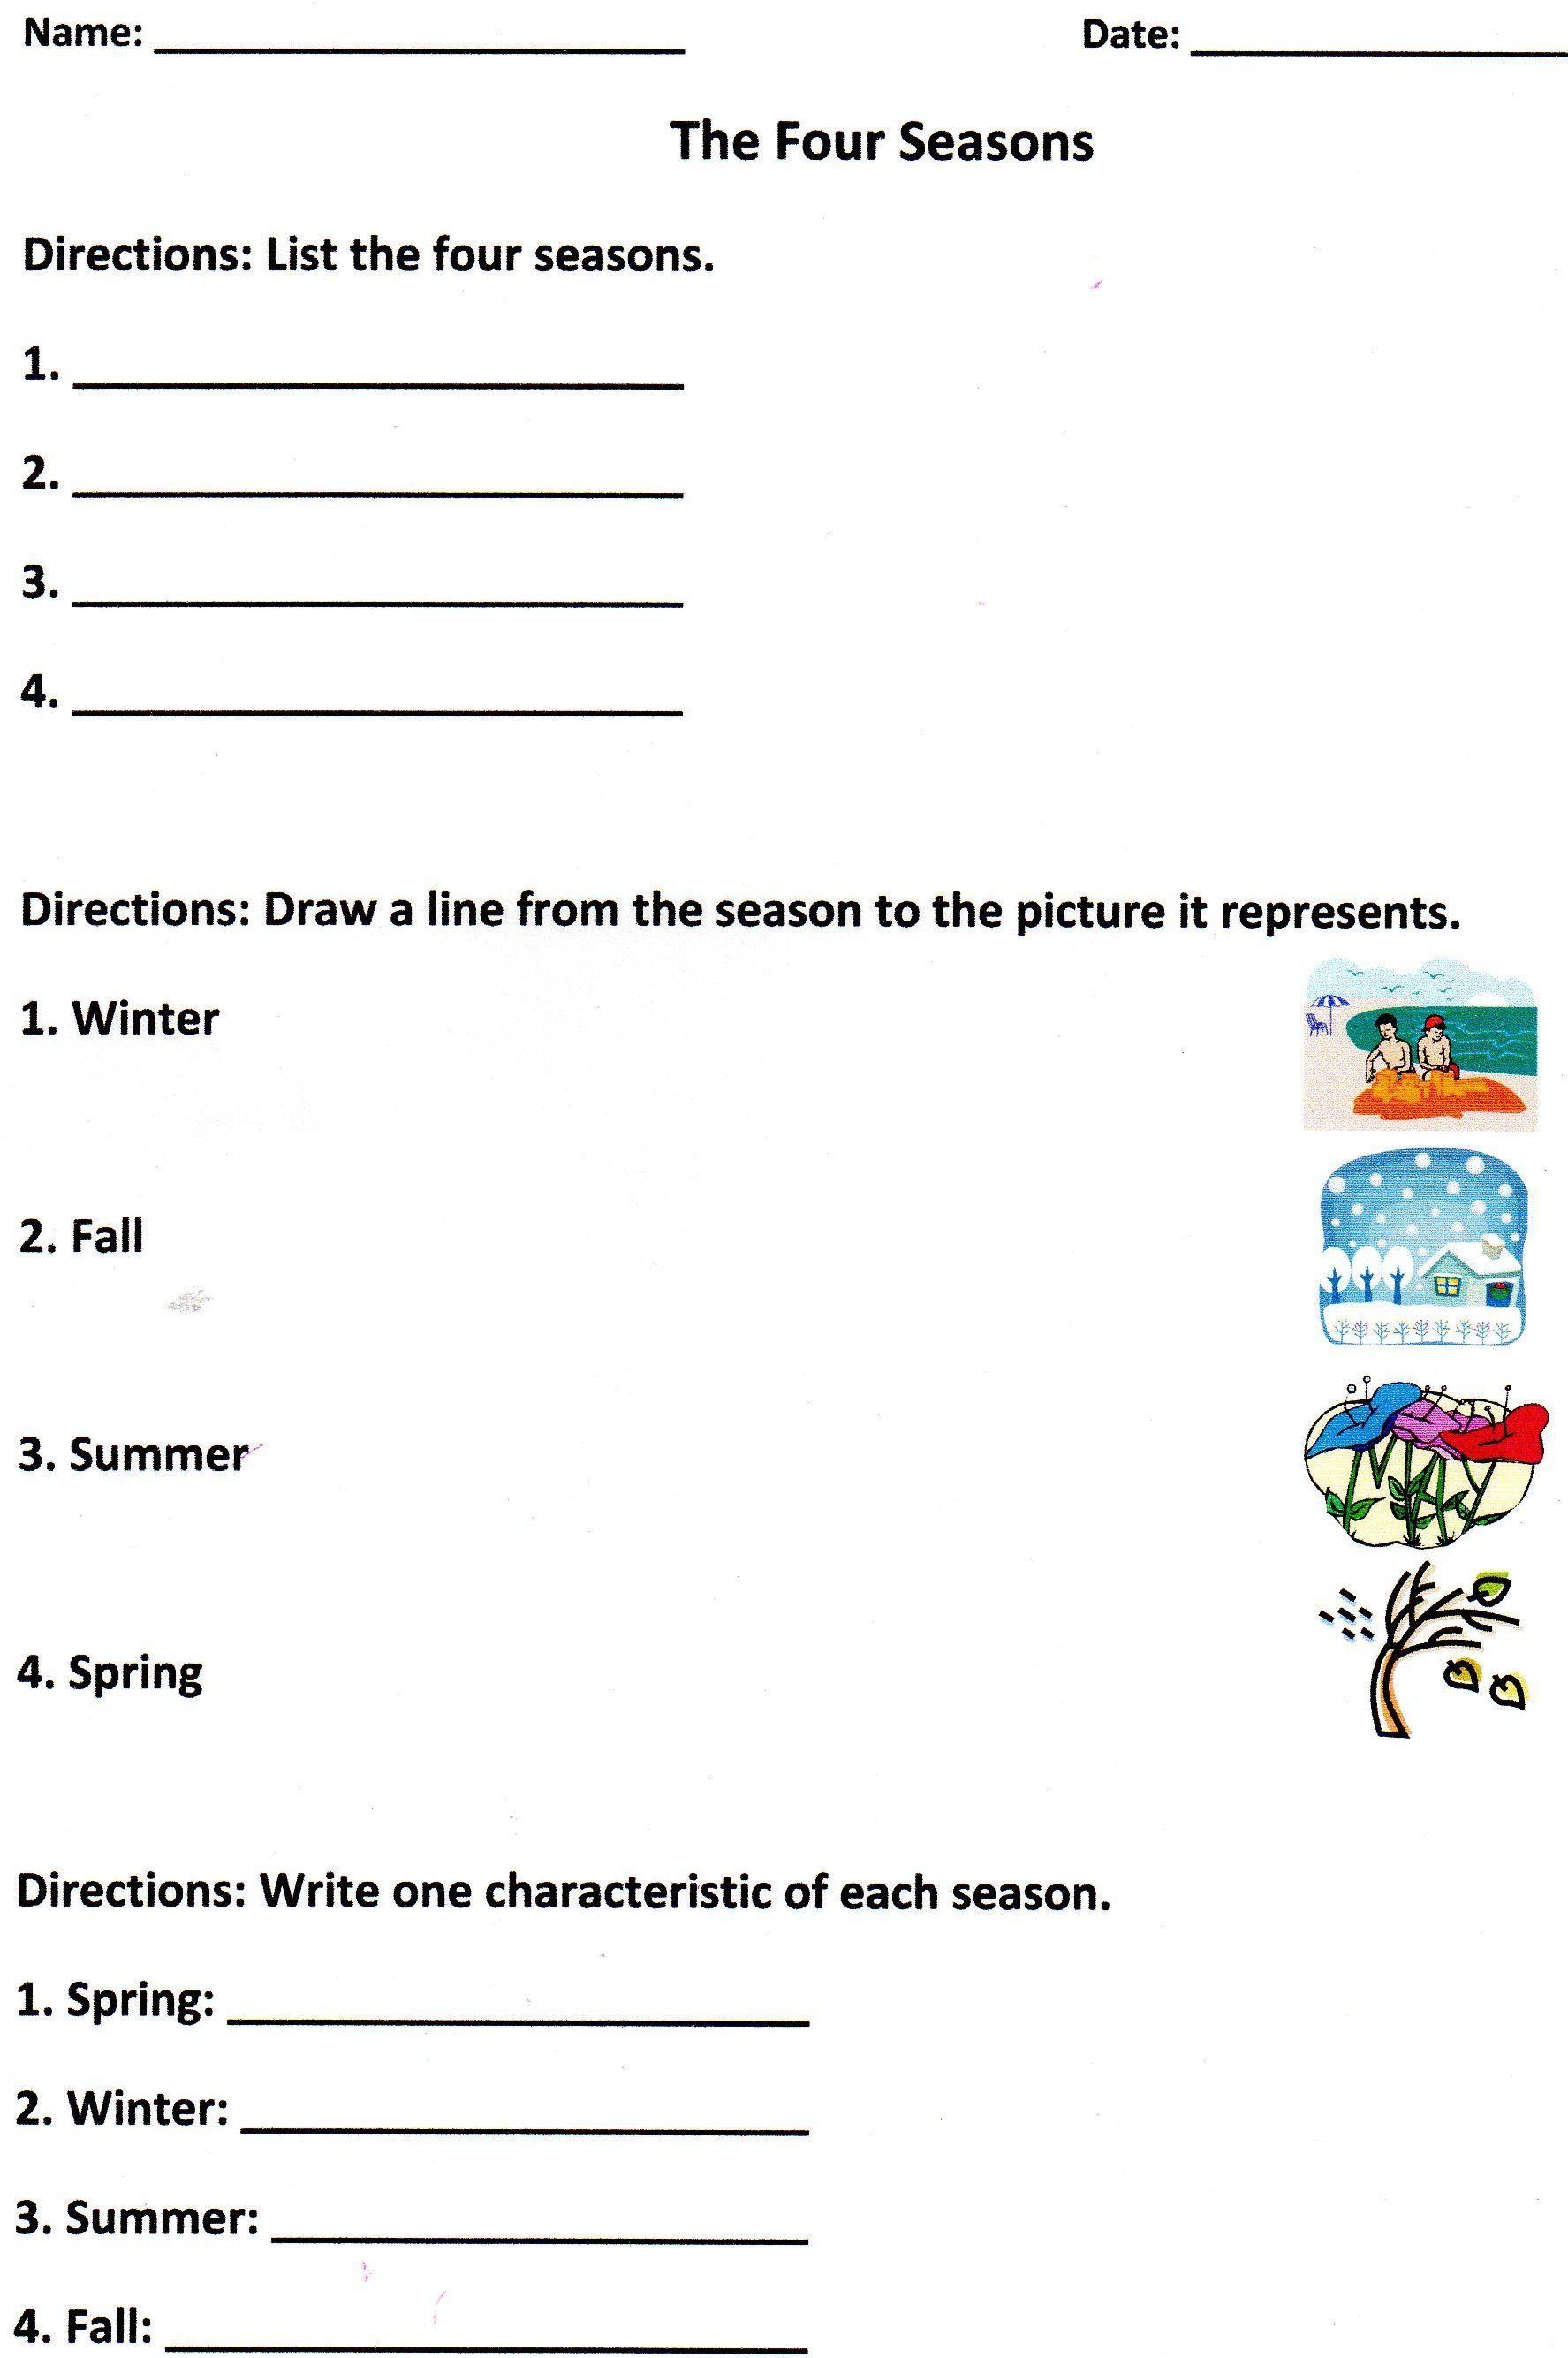 The Four Seasons Assessment For K 1 Seasons Worksheets 1st Grade Worksheets First Grade Workshee In 2021 1st Grade Worksheets Seasons Worksheets First Grade Worksheets Free printable seasons worksheets